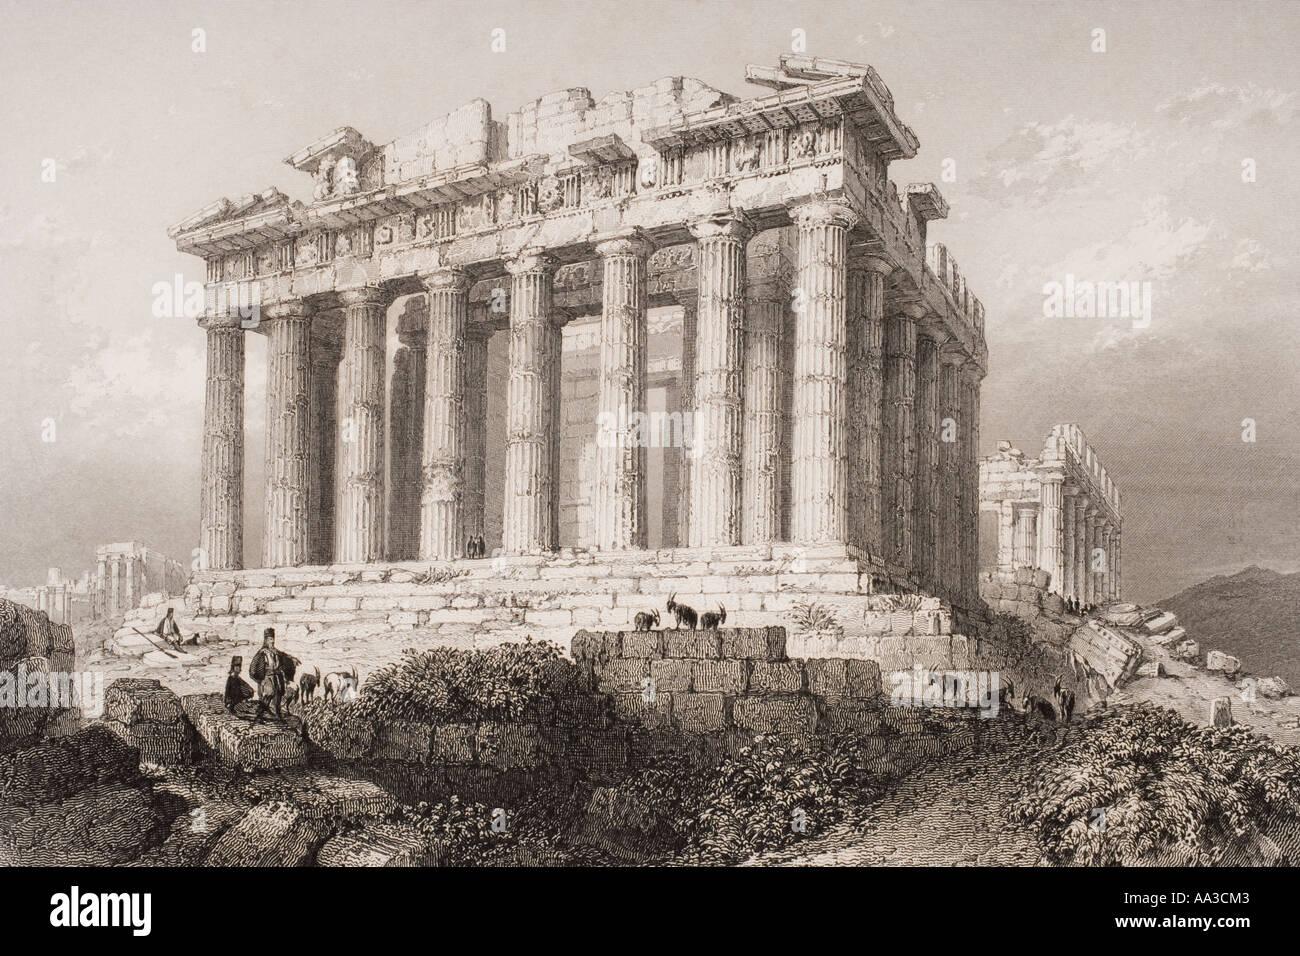 Der Parthenon in Athen, Griechenland im 19. Jahrhundert. Stockbild